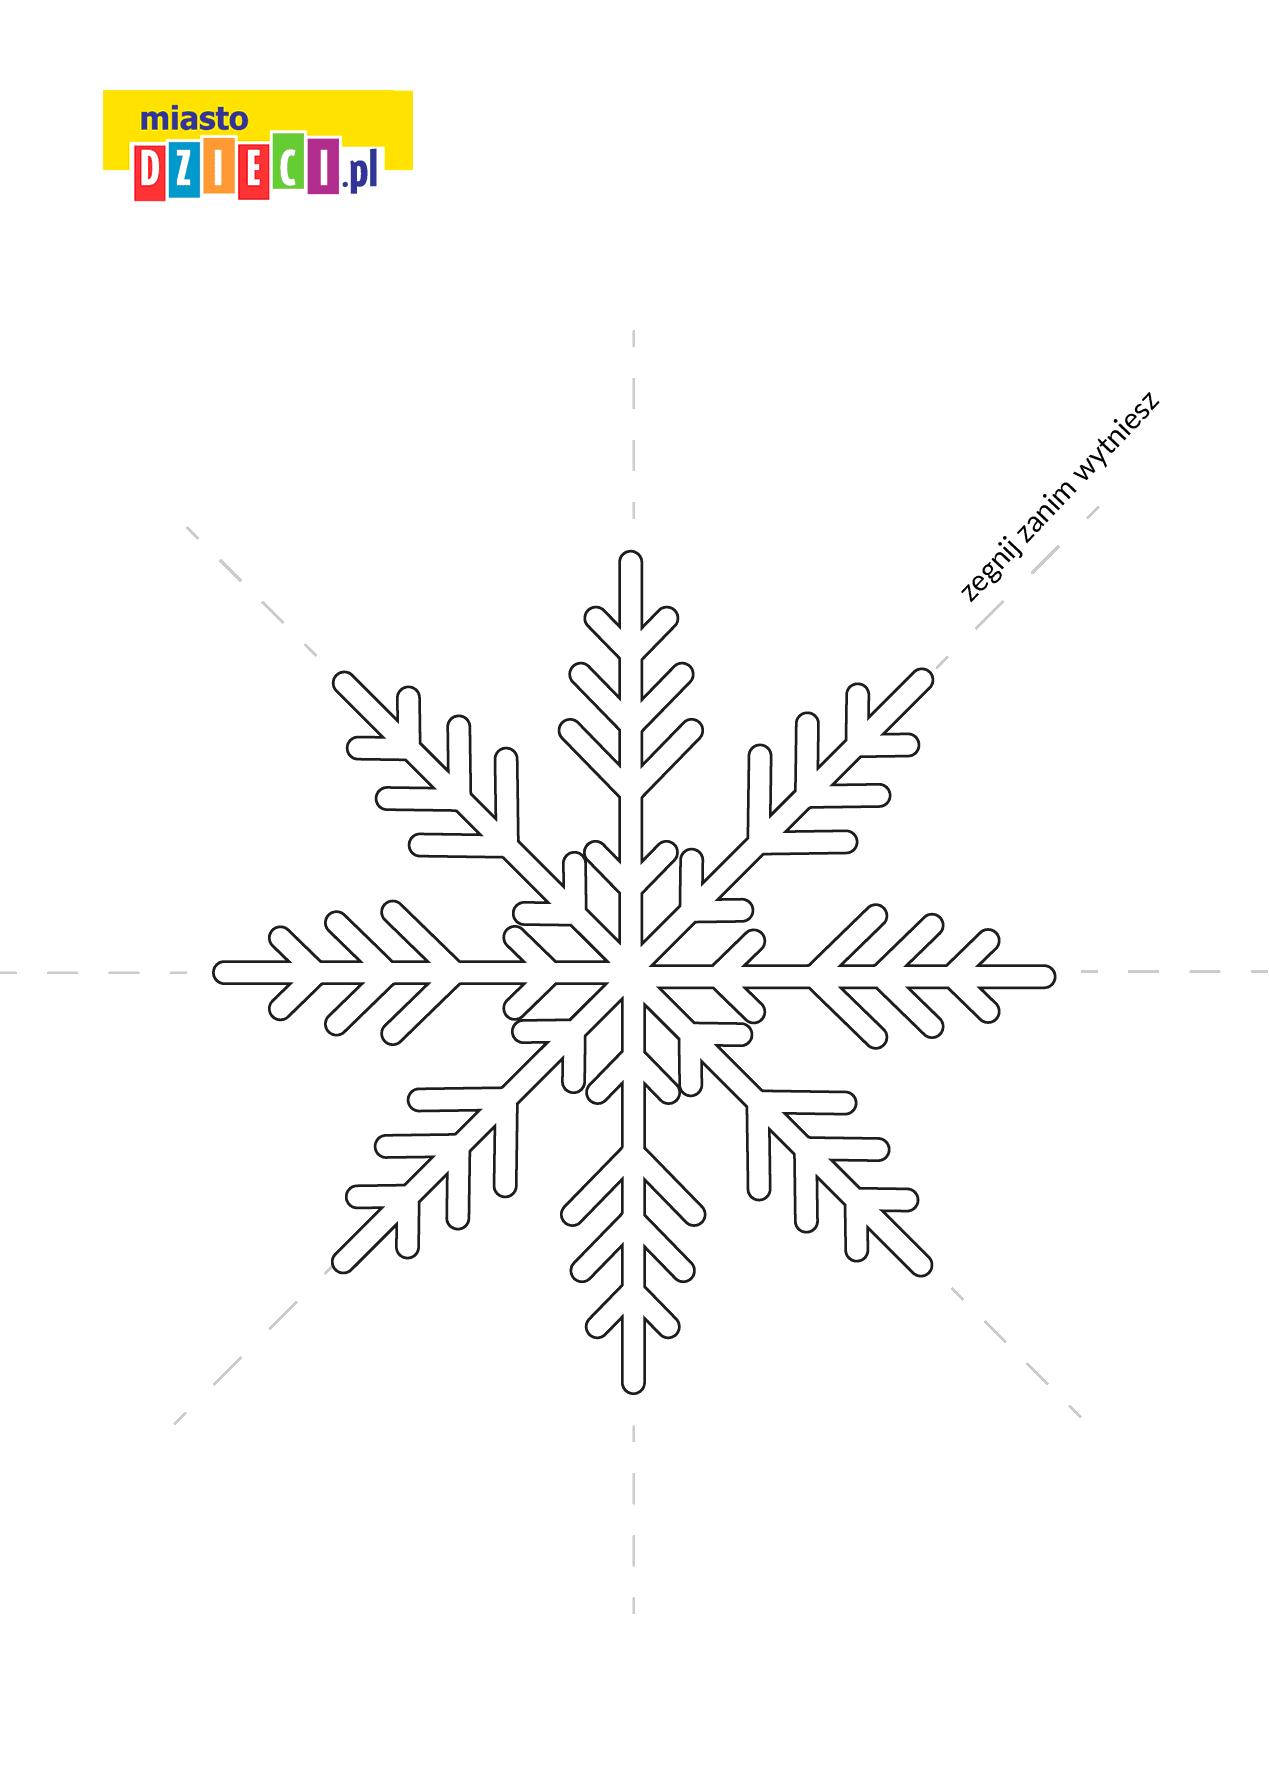 szablon płatka śniegu do druku dla dzieci MiastoDzieci.pl